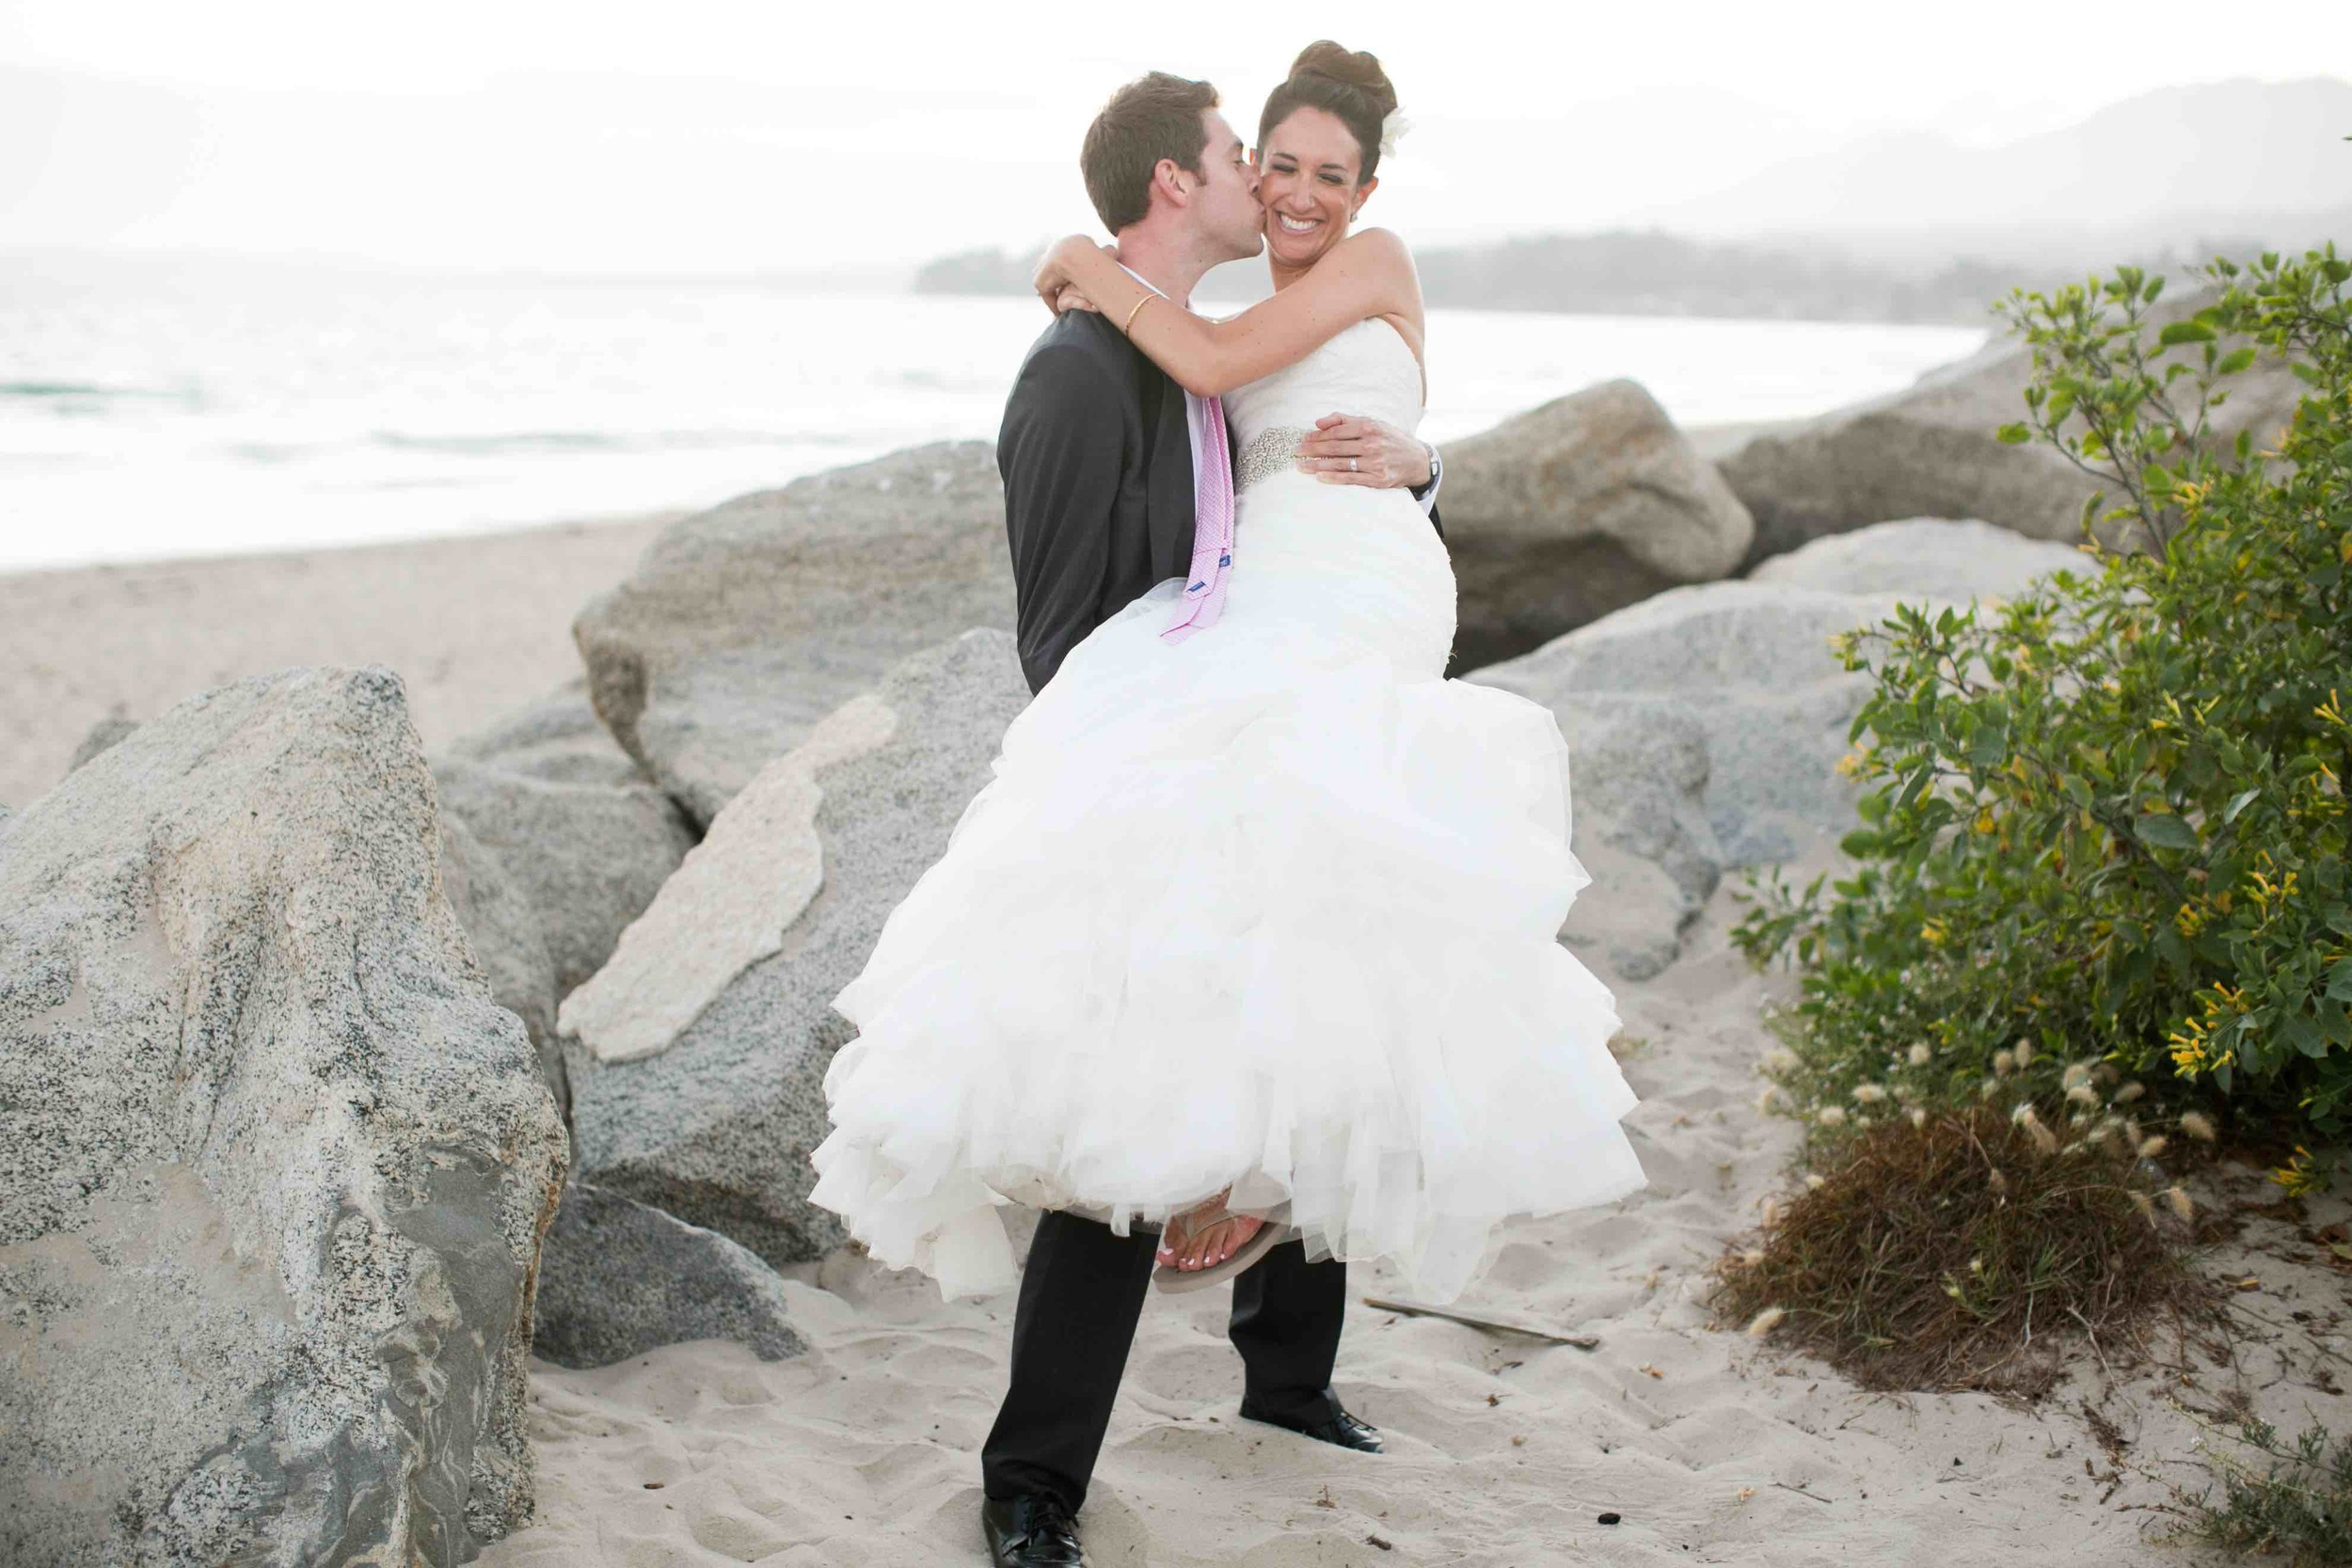 couple on beach 4.jpg